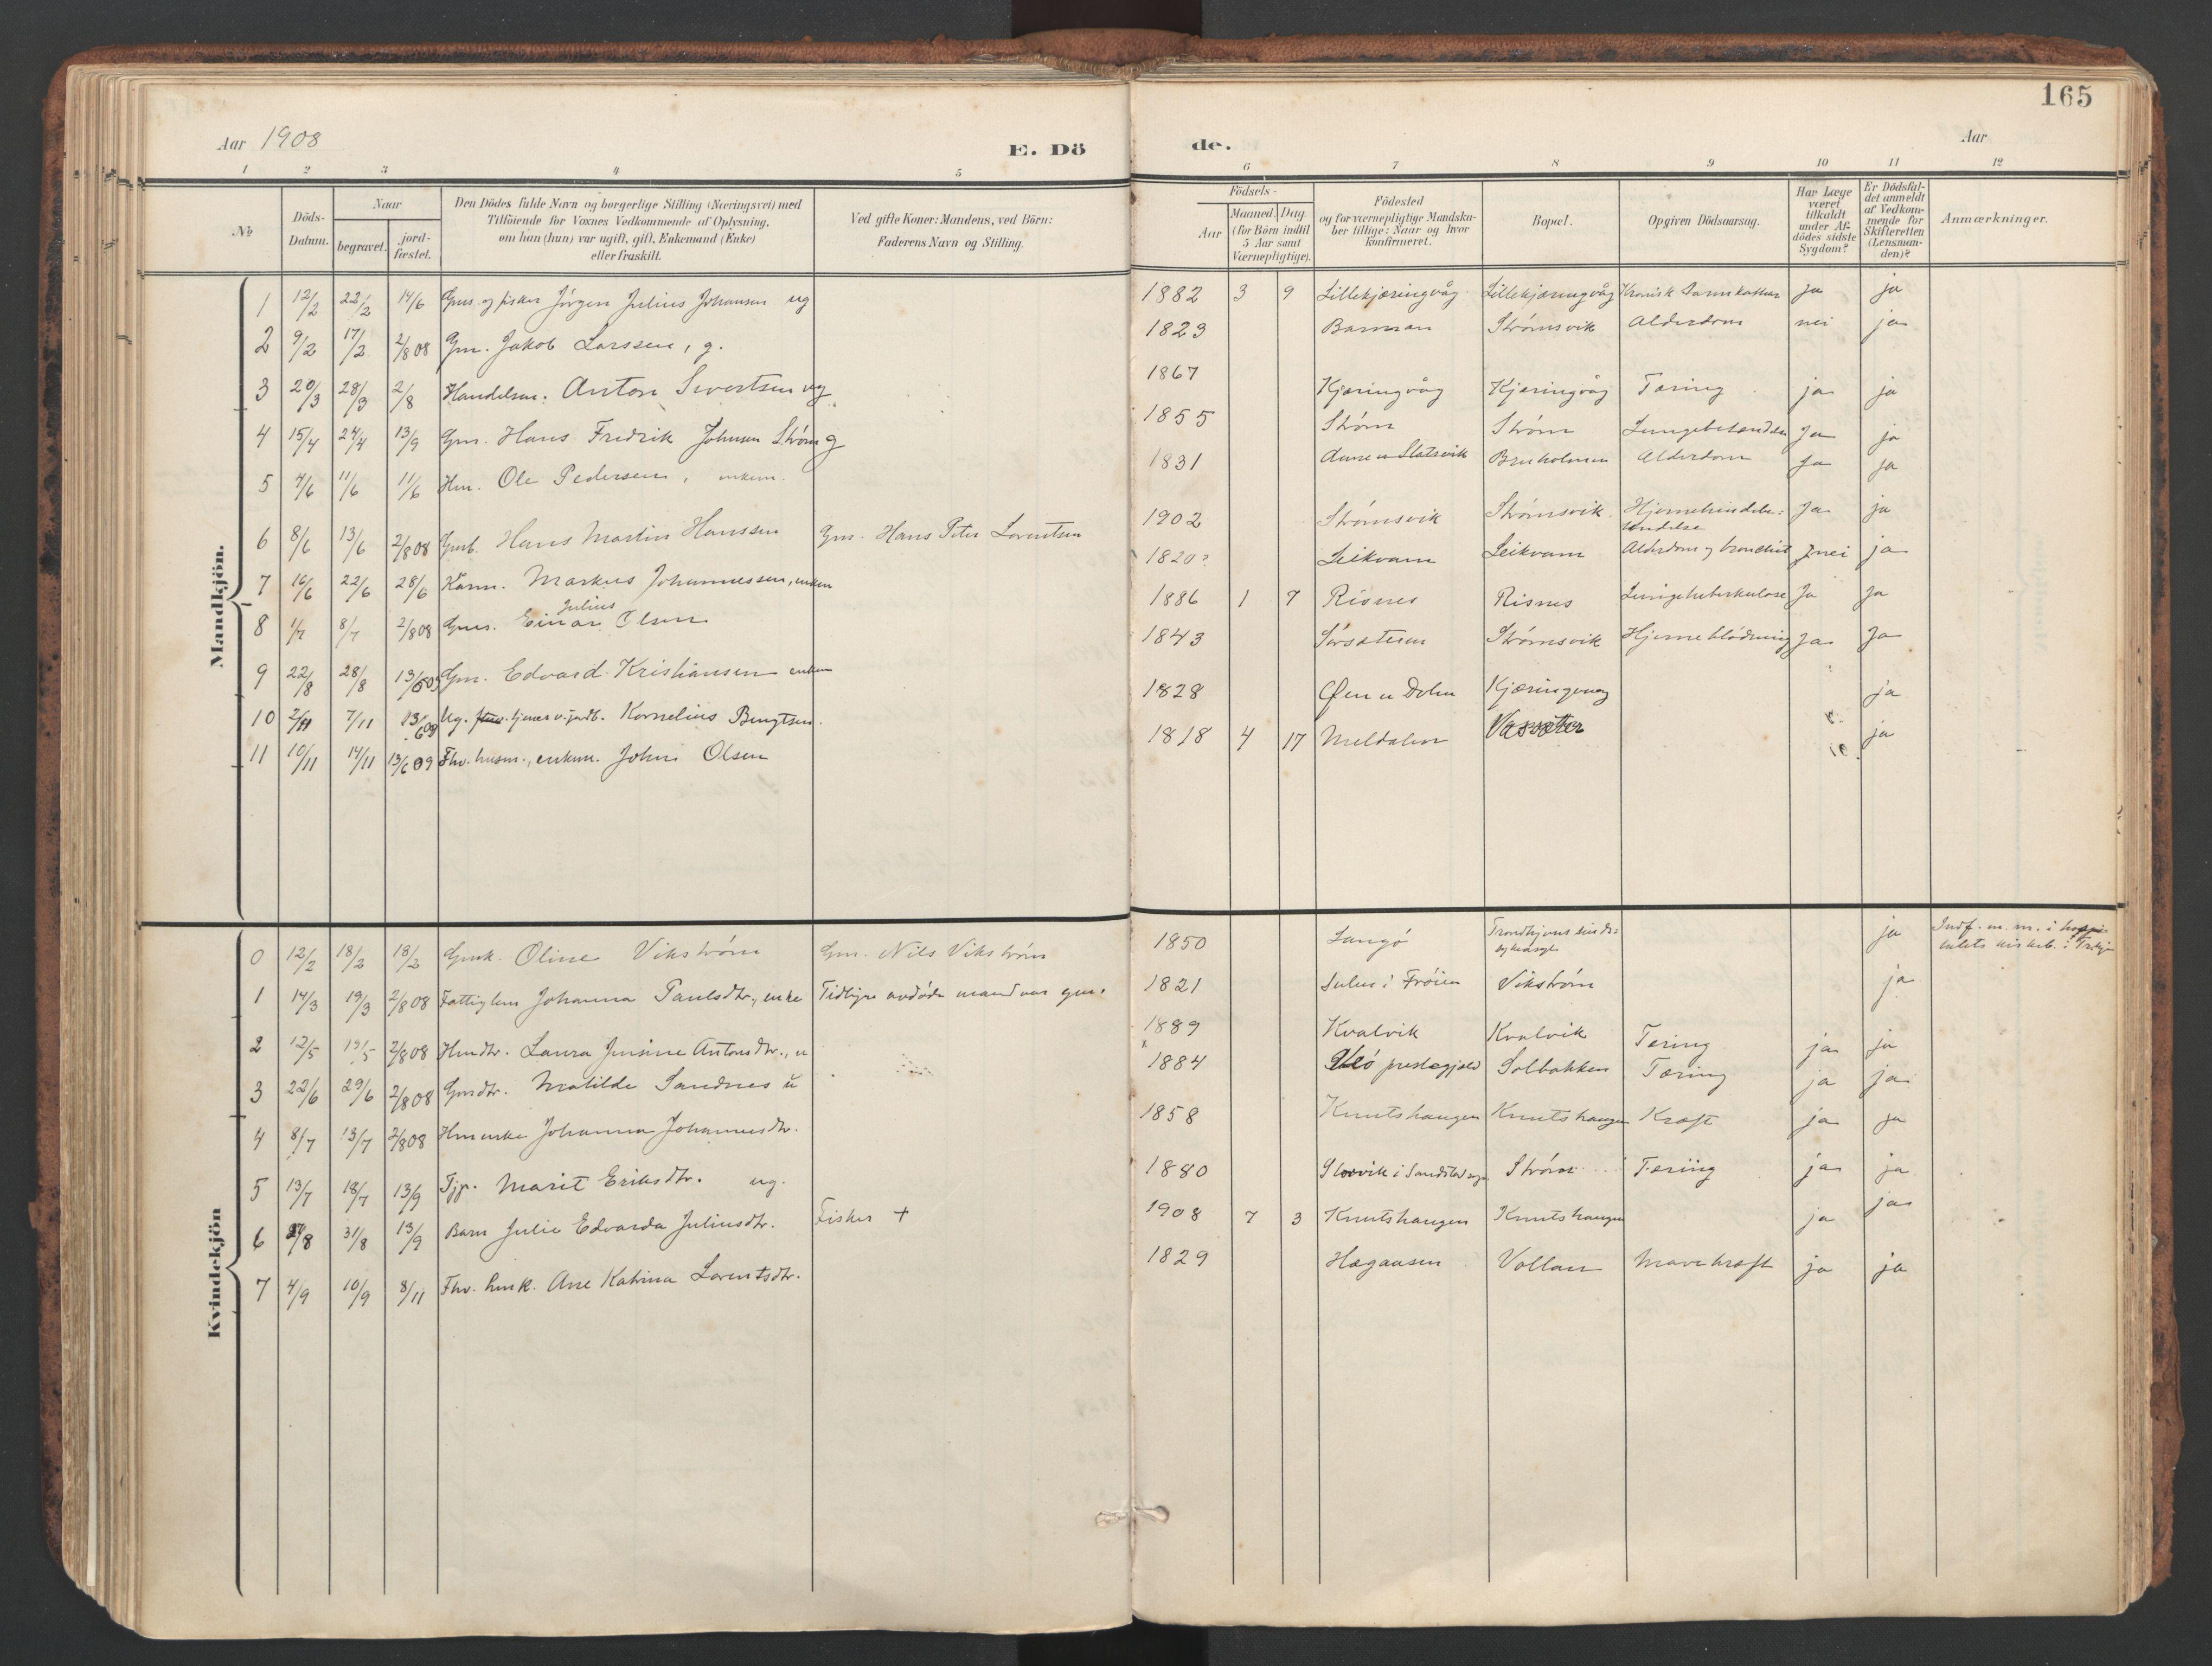 SAT, Ministerialprotokoller, klokkerbøker og fødselsregistre - Sør-Trøndelag, 634/L0537: Ministerialbok nr. 634A13, 1896-1922, s. 165